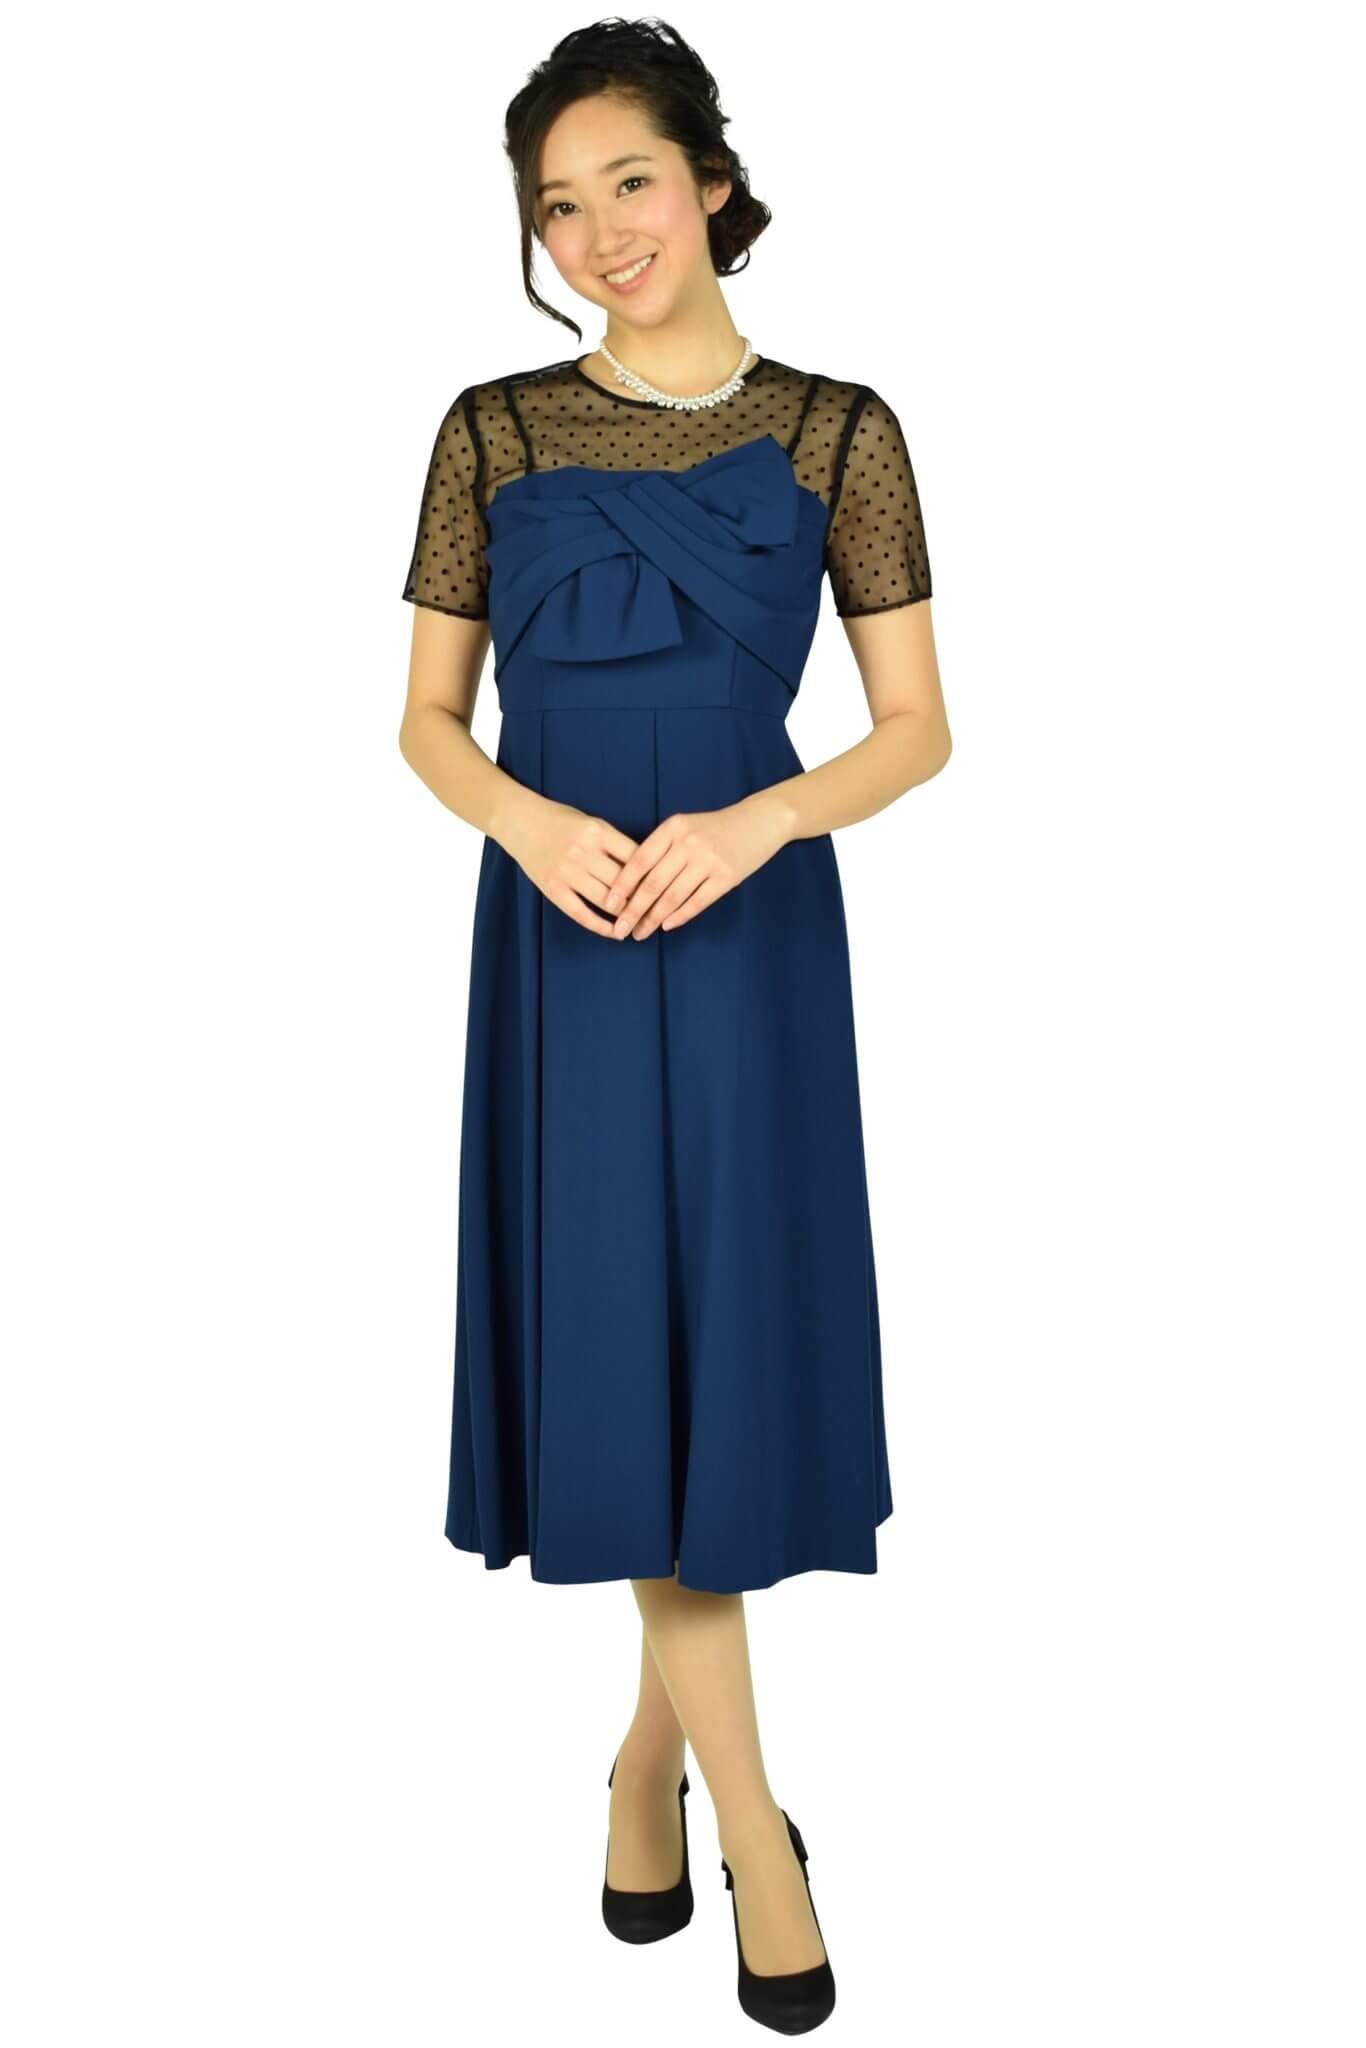 グレースコンチネンタル (GRACE CONTINENTAL)袖付きドットレースネイビードレス